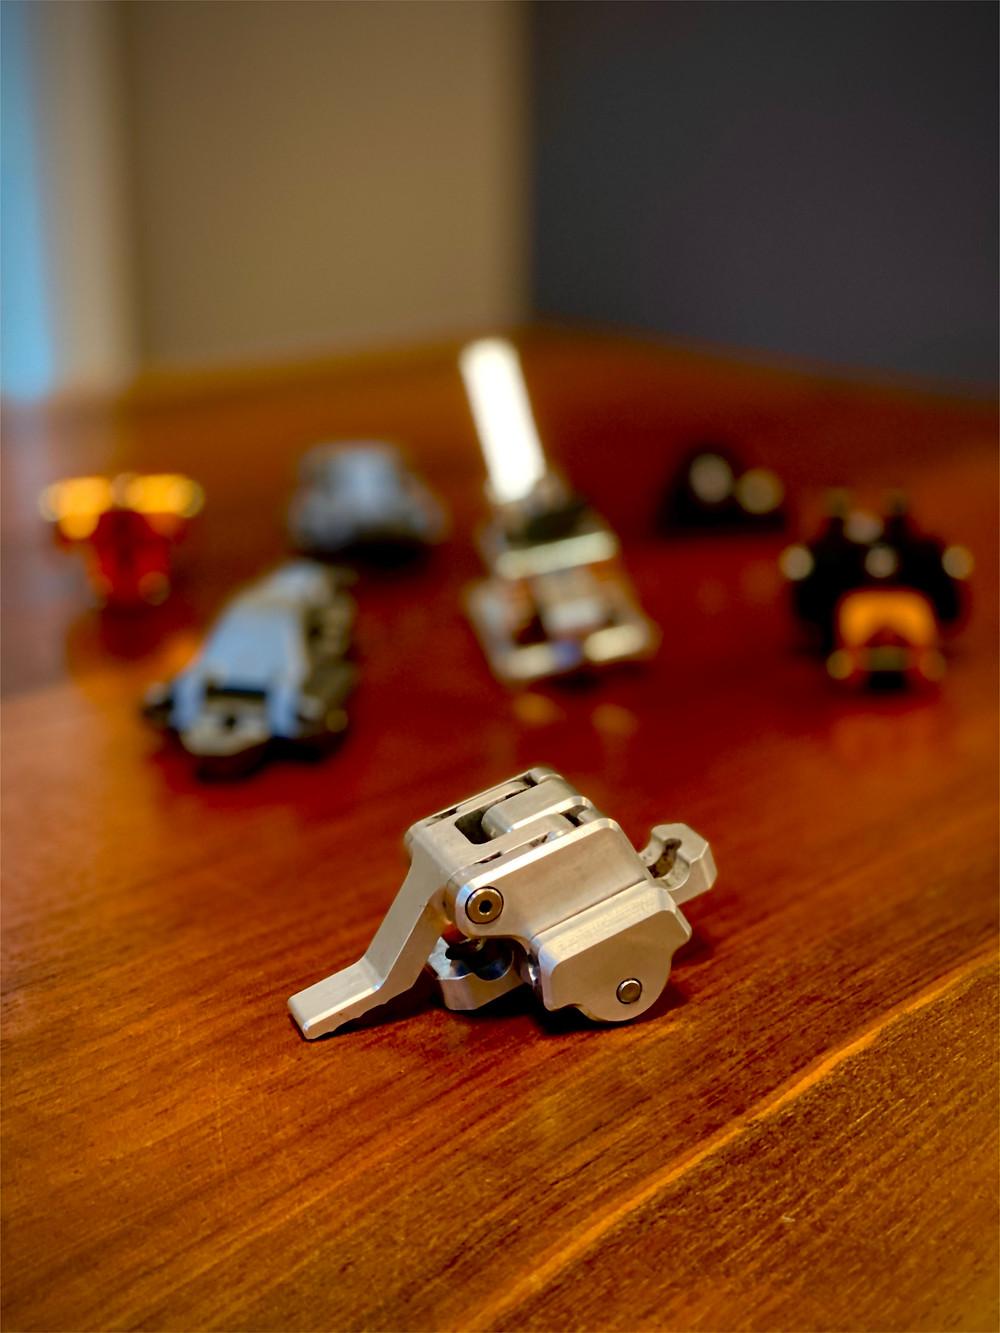 SwitchGrade prototypes